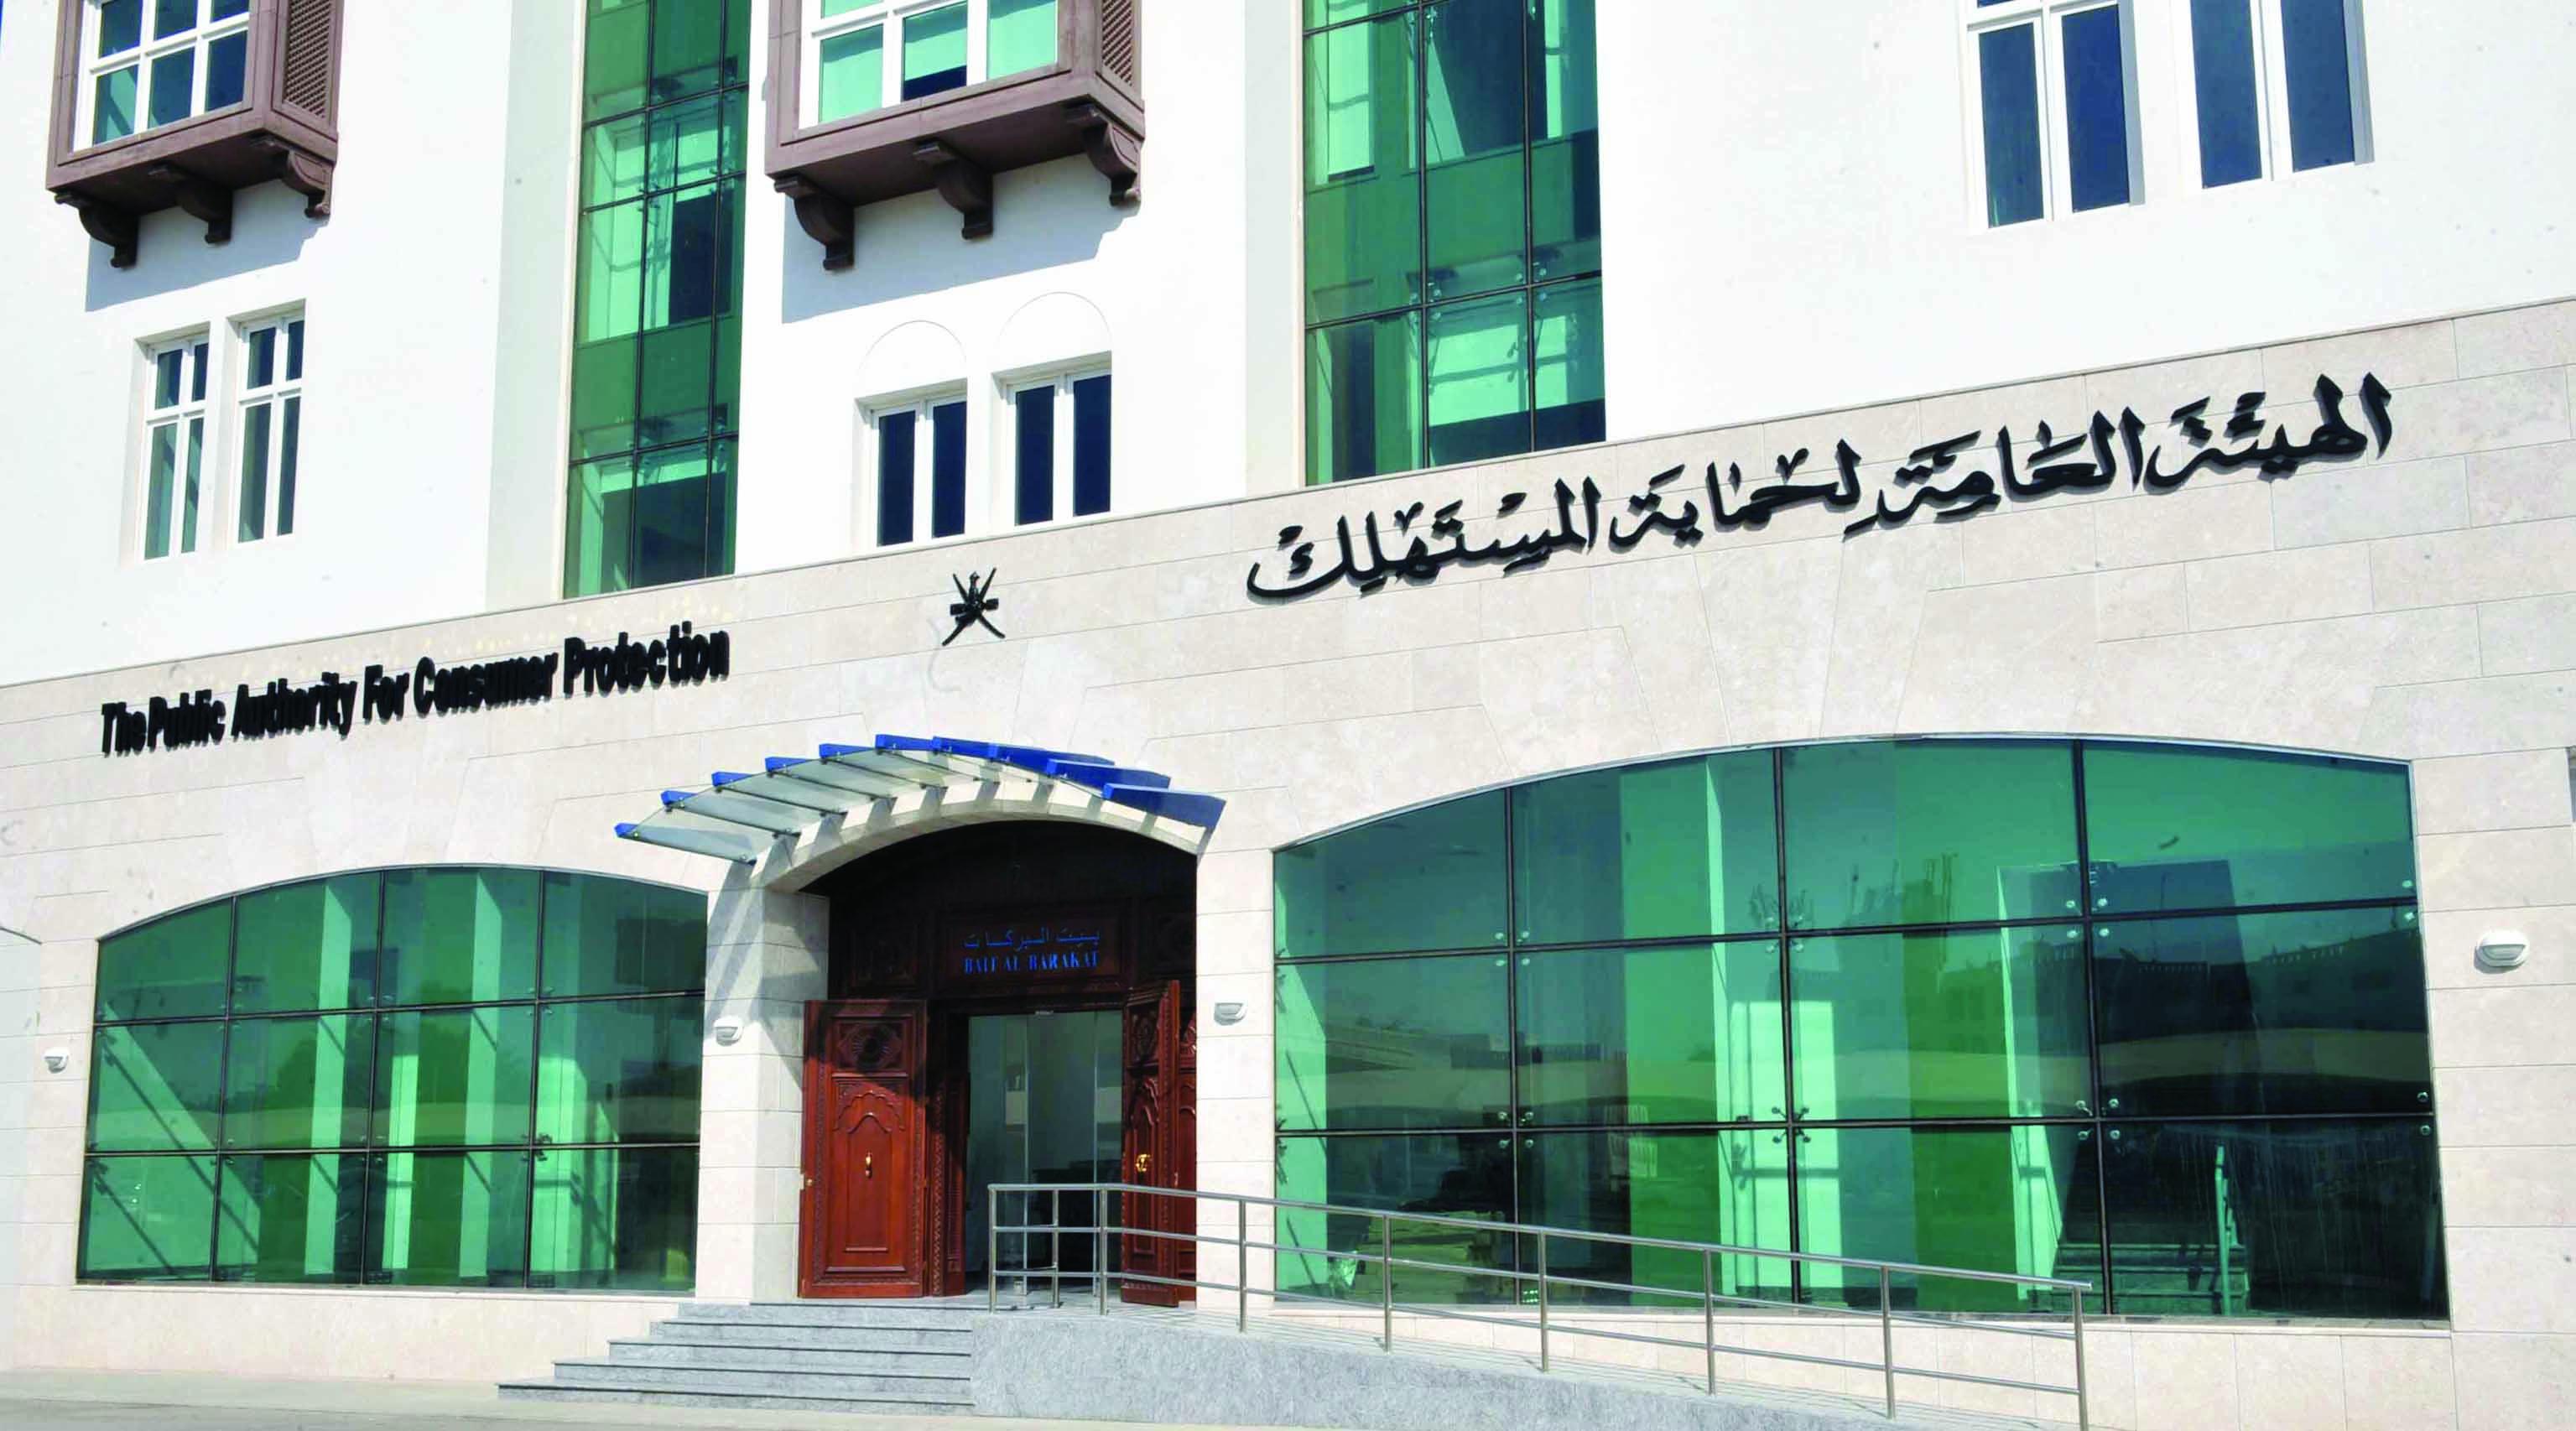 استرجاع 41 ألف ريال عماني لمستهلك بالبريمي